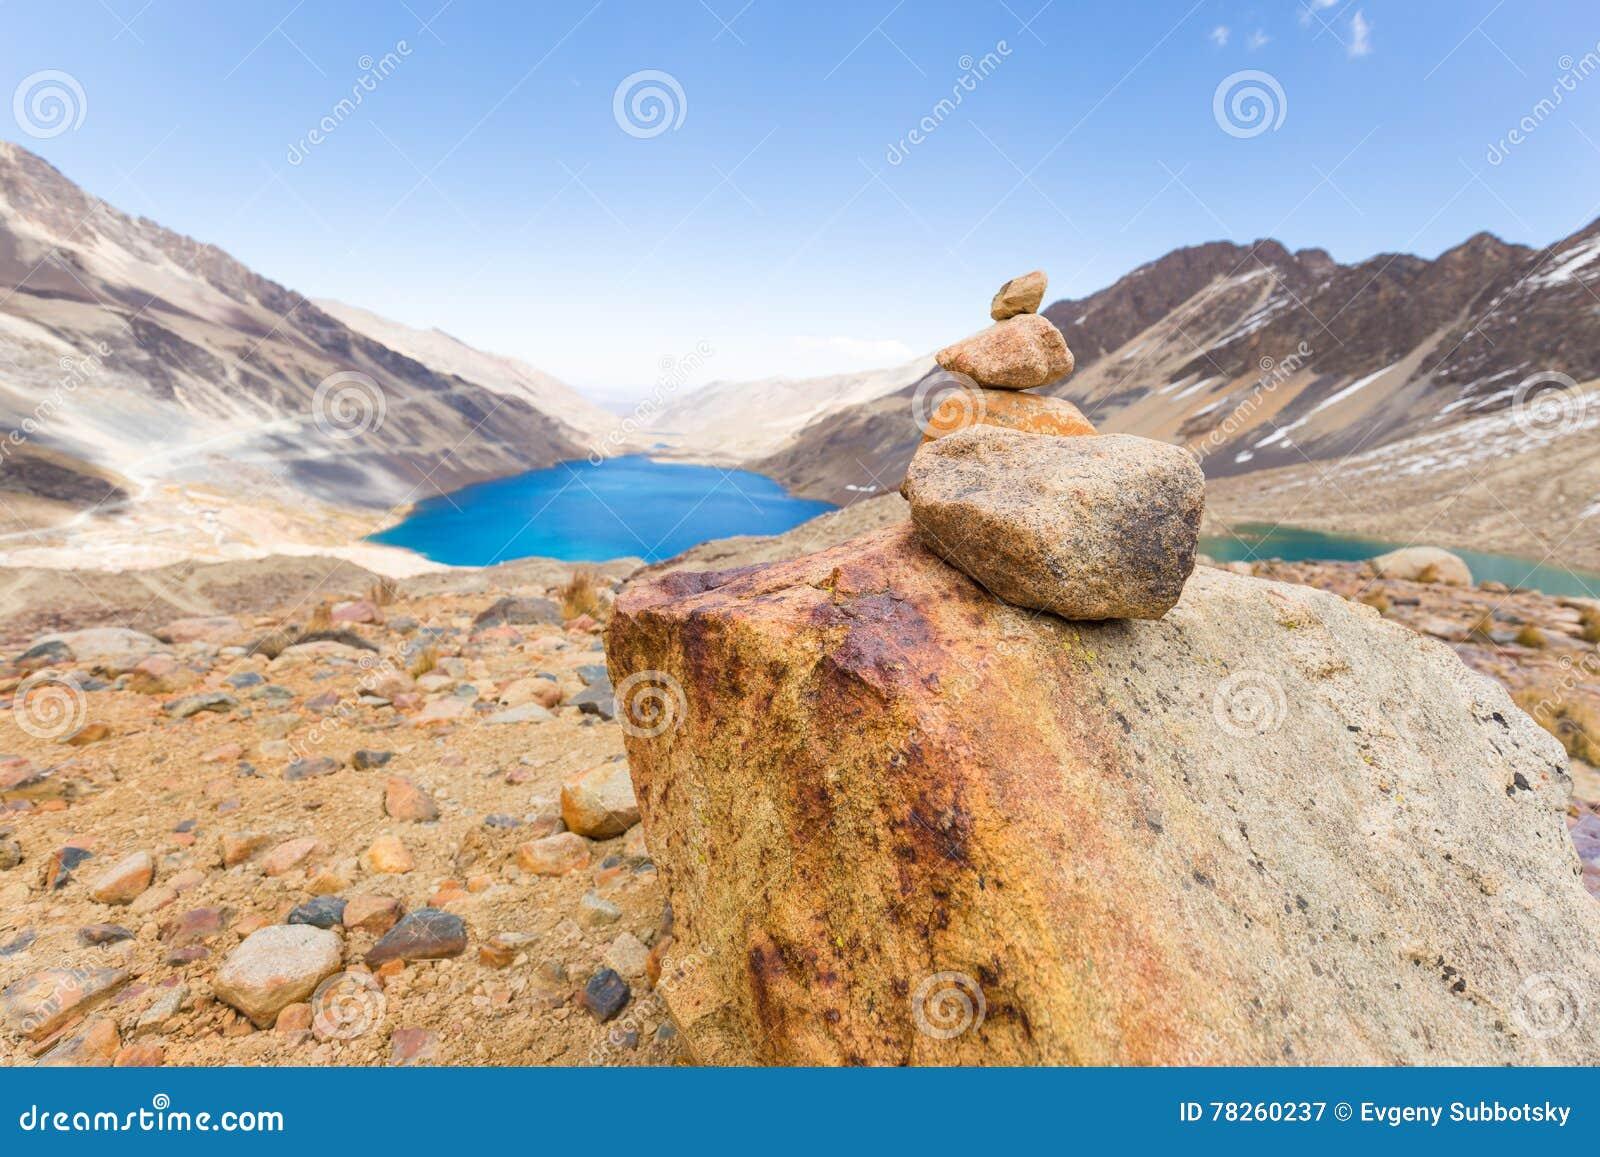 Λίμνη βουνών σημαδιών σωρών βράχων παπιών τύμβων ιχνών, ταξίδι Βολιβία